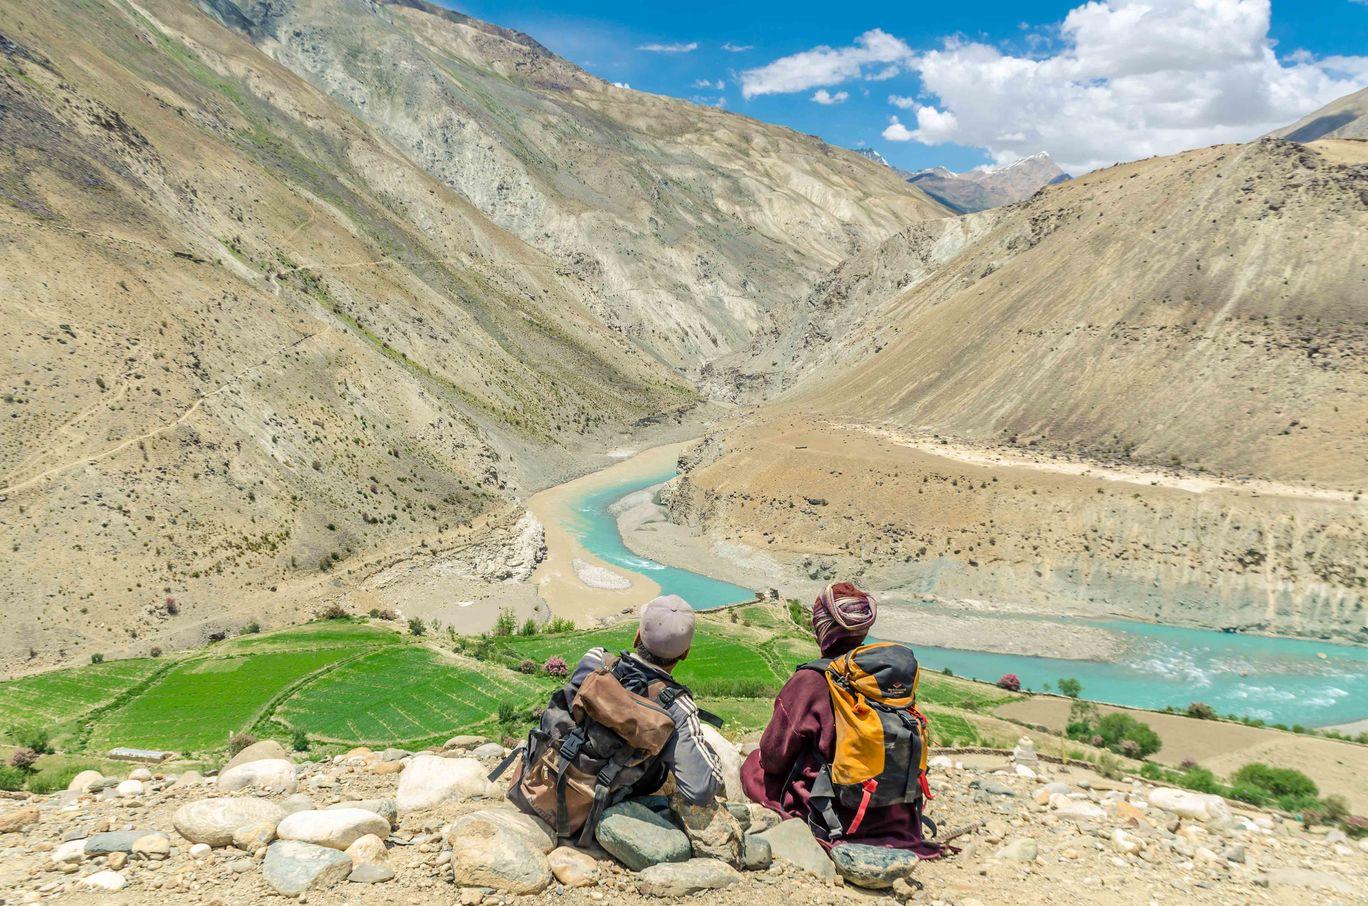 Photo of Zanskar Trek By Shubham Mansingka